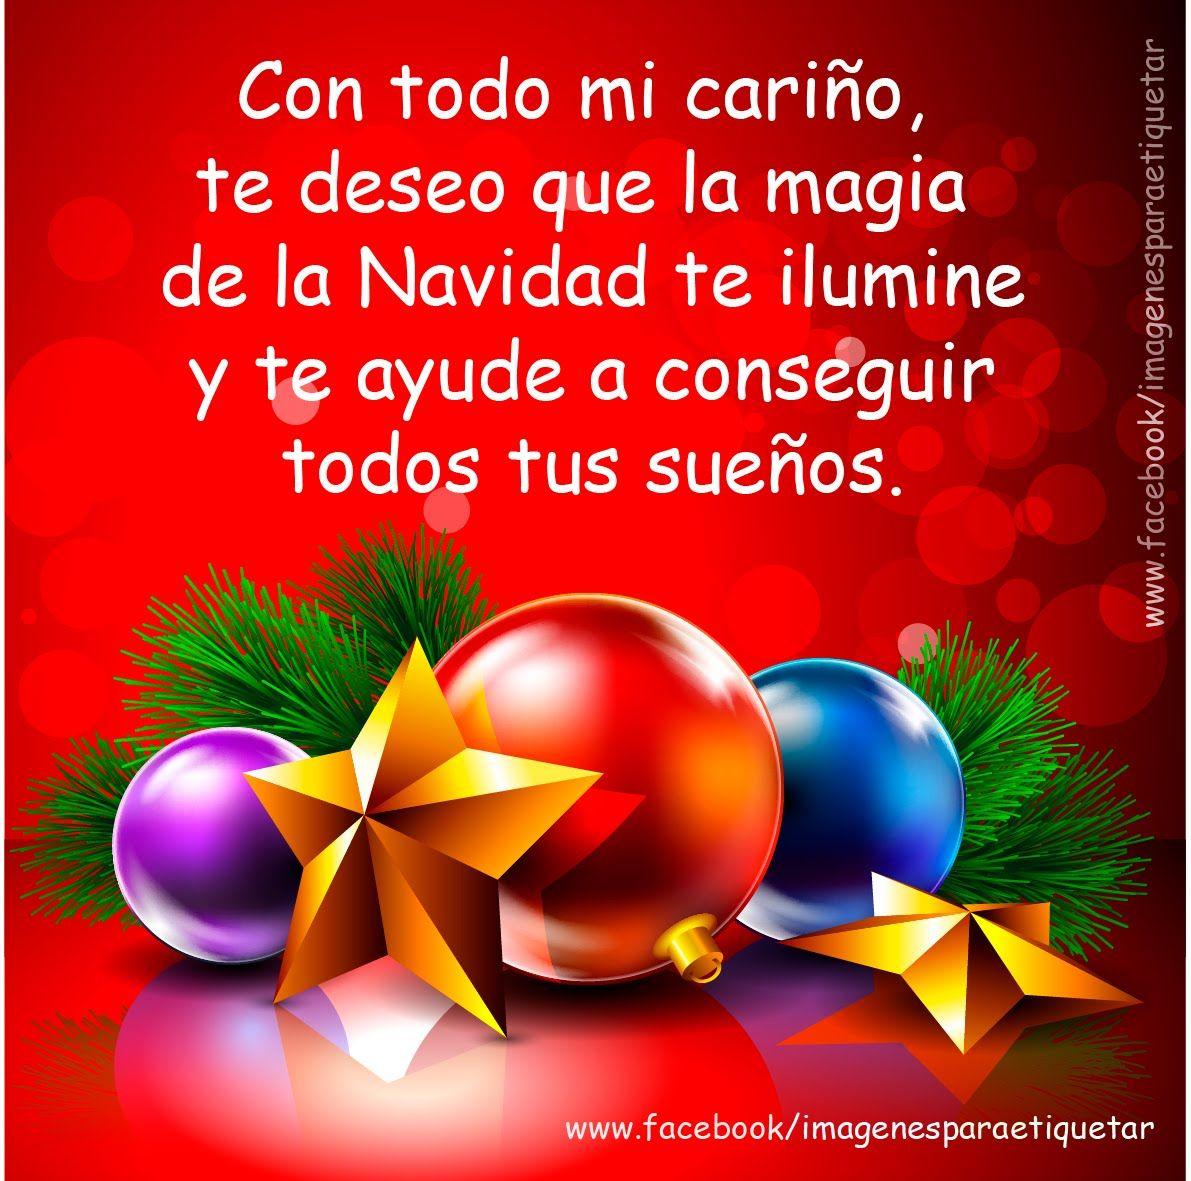 Con todo mi cari±o te deseo que la magia de la navidad te ilumine